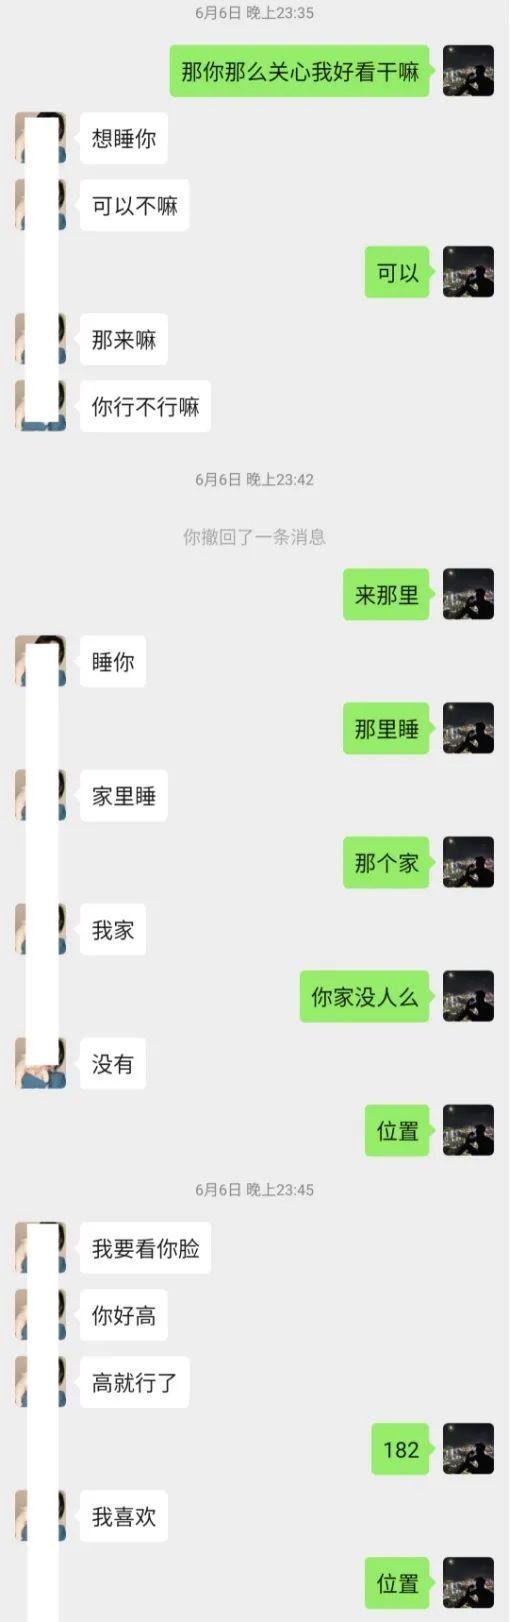 """【追女生聊天实战案例】川妹子突然来一句:""""想睡你,可以不嘛!"""""""